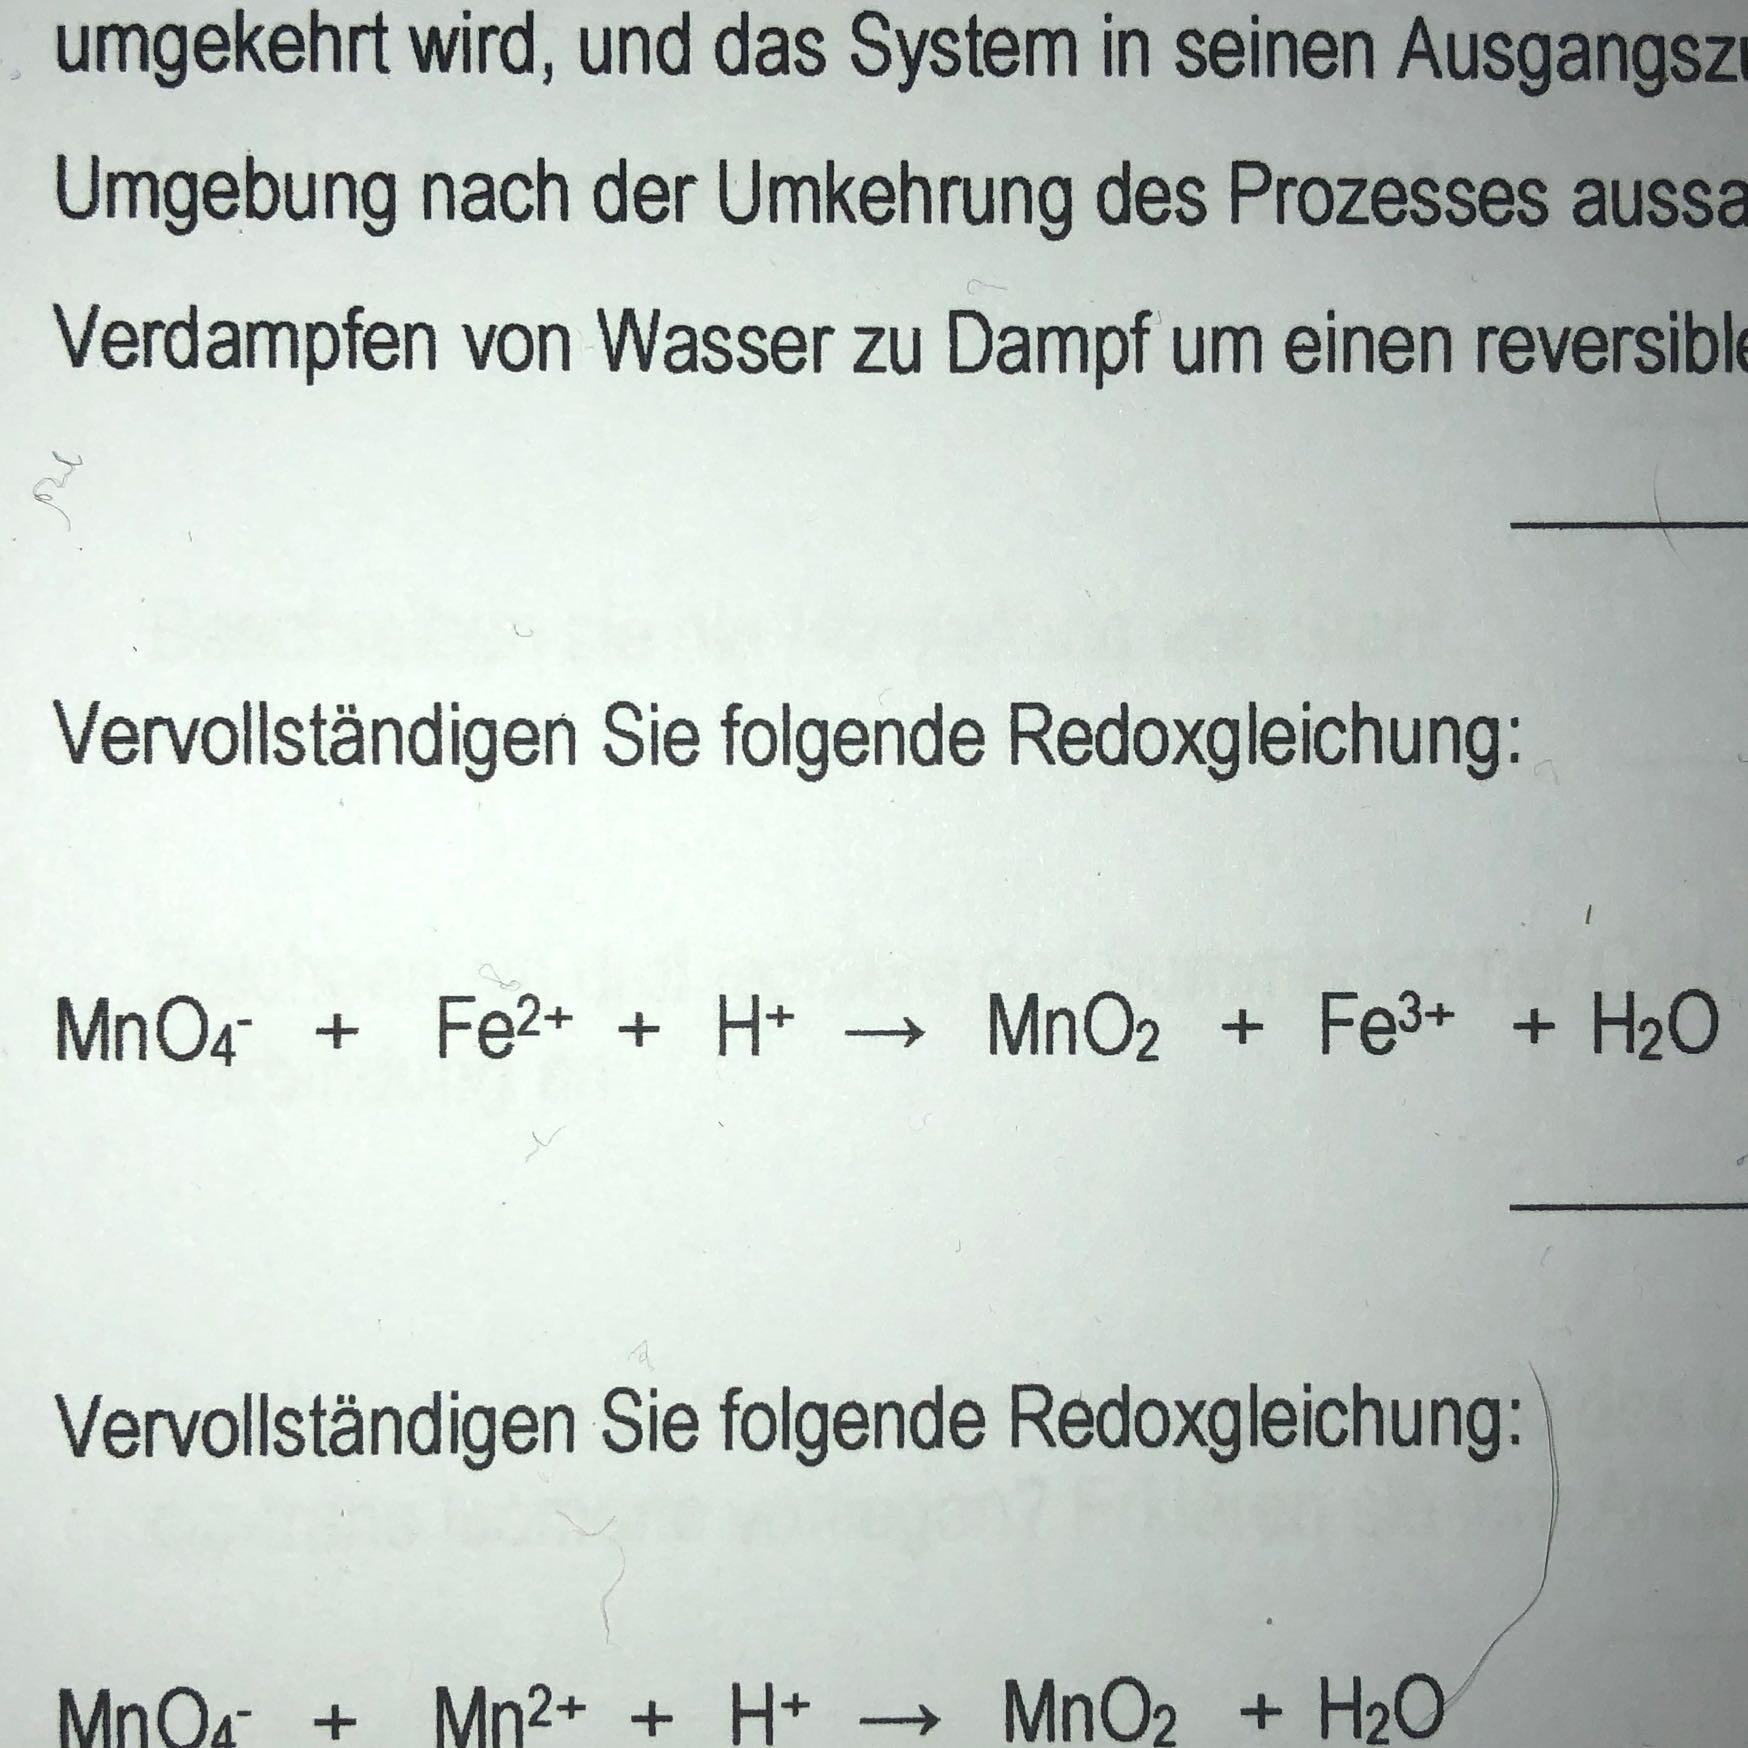 Redoxgleichung vervollständigen? (Schule, Chemie)